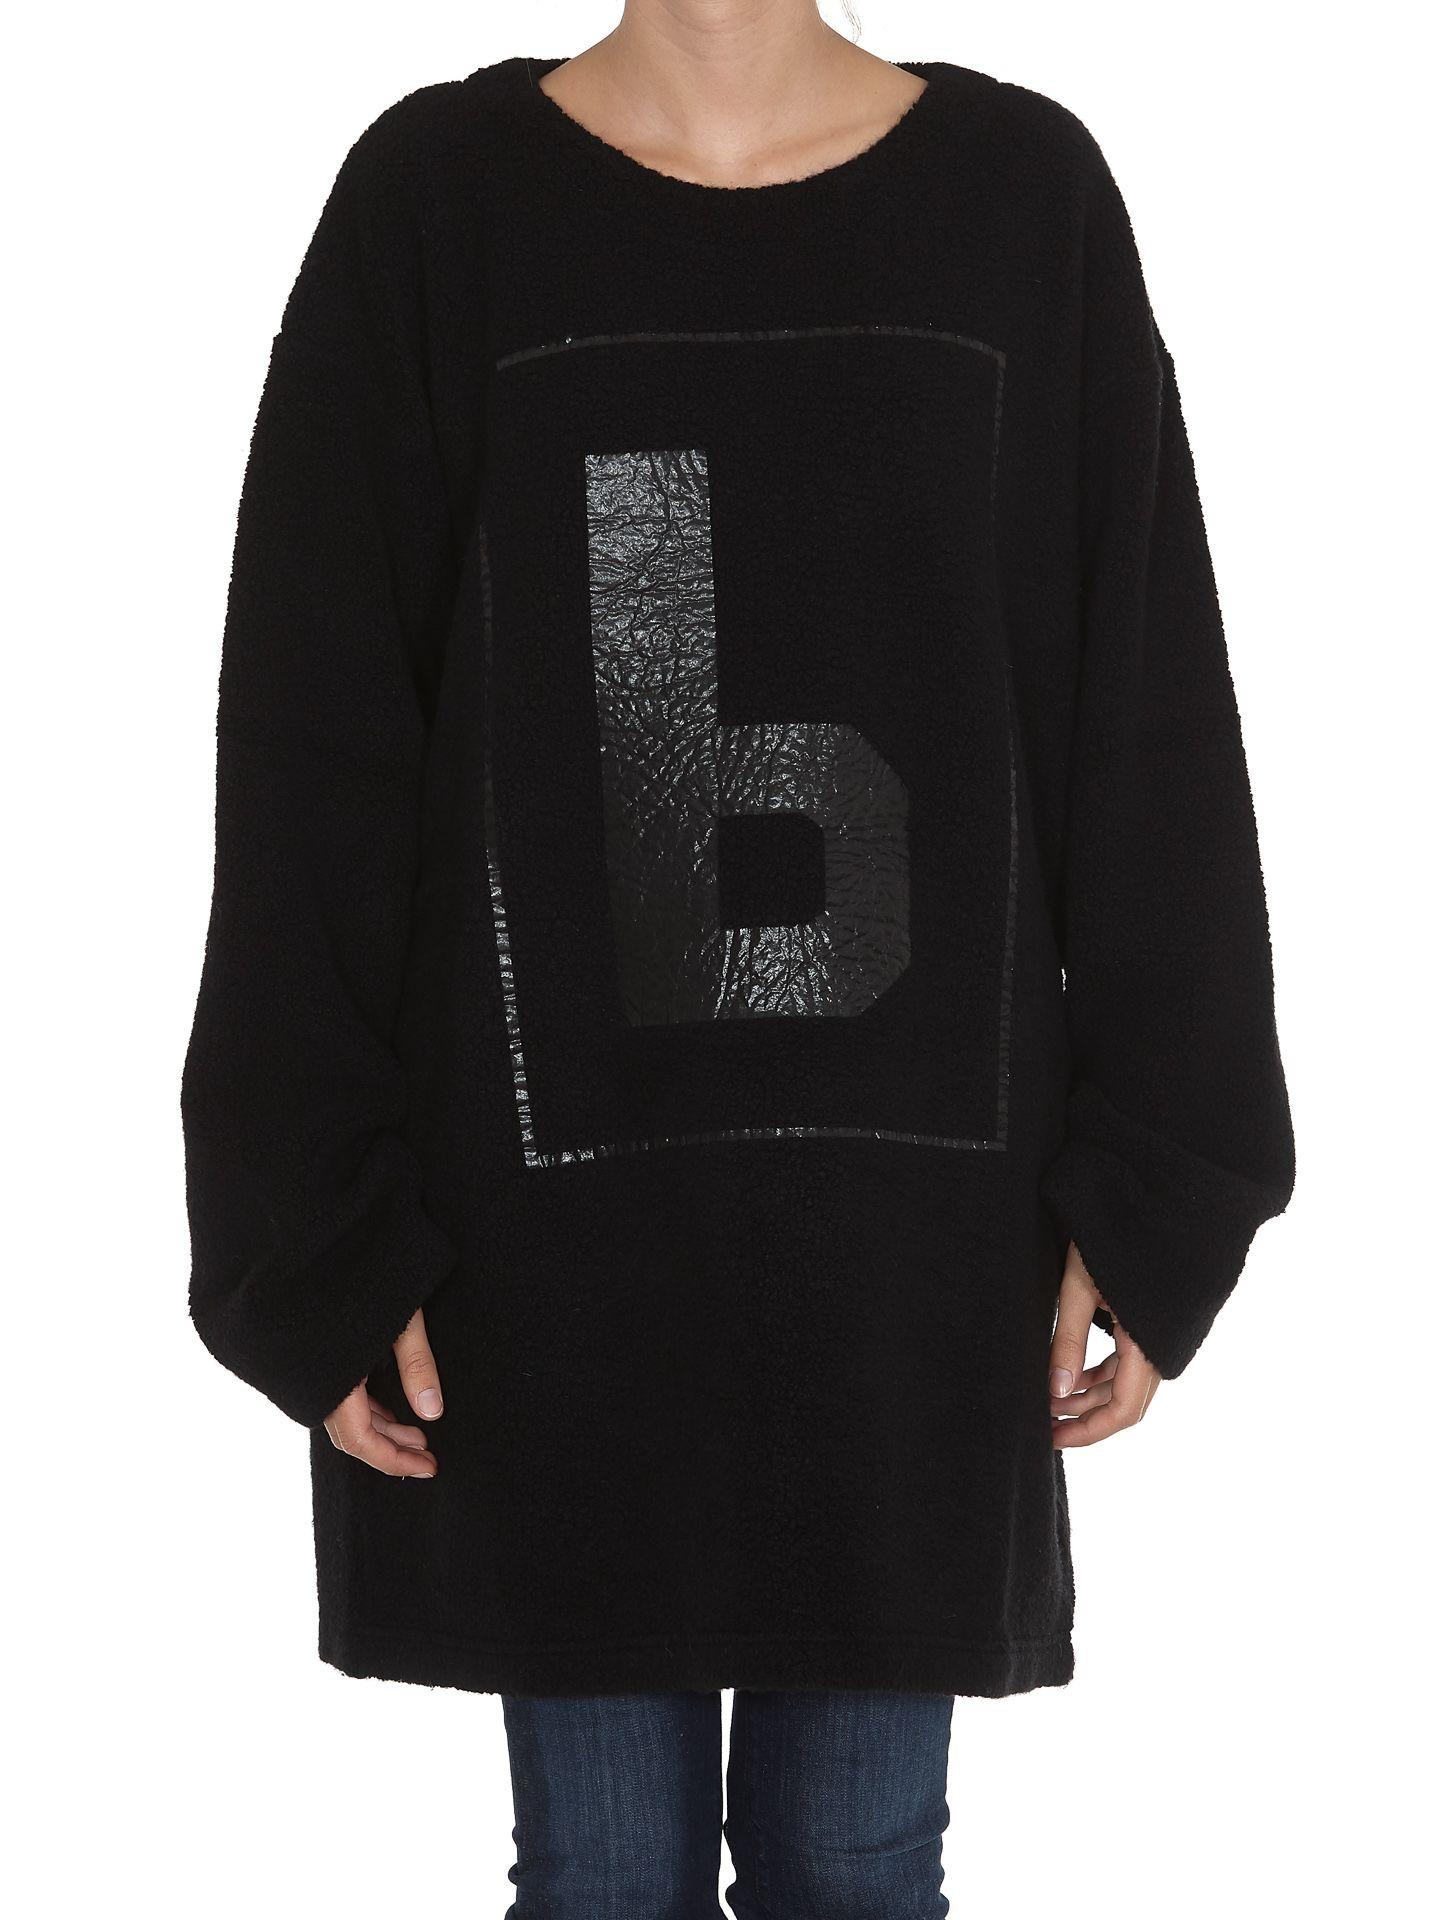 Mm6 Maison Margiela Oversized Sweatshirt